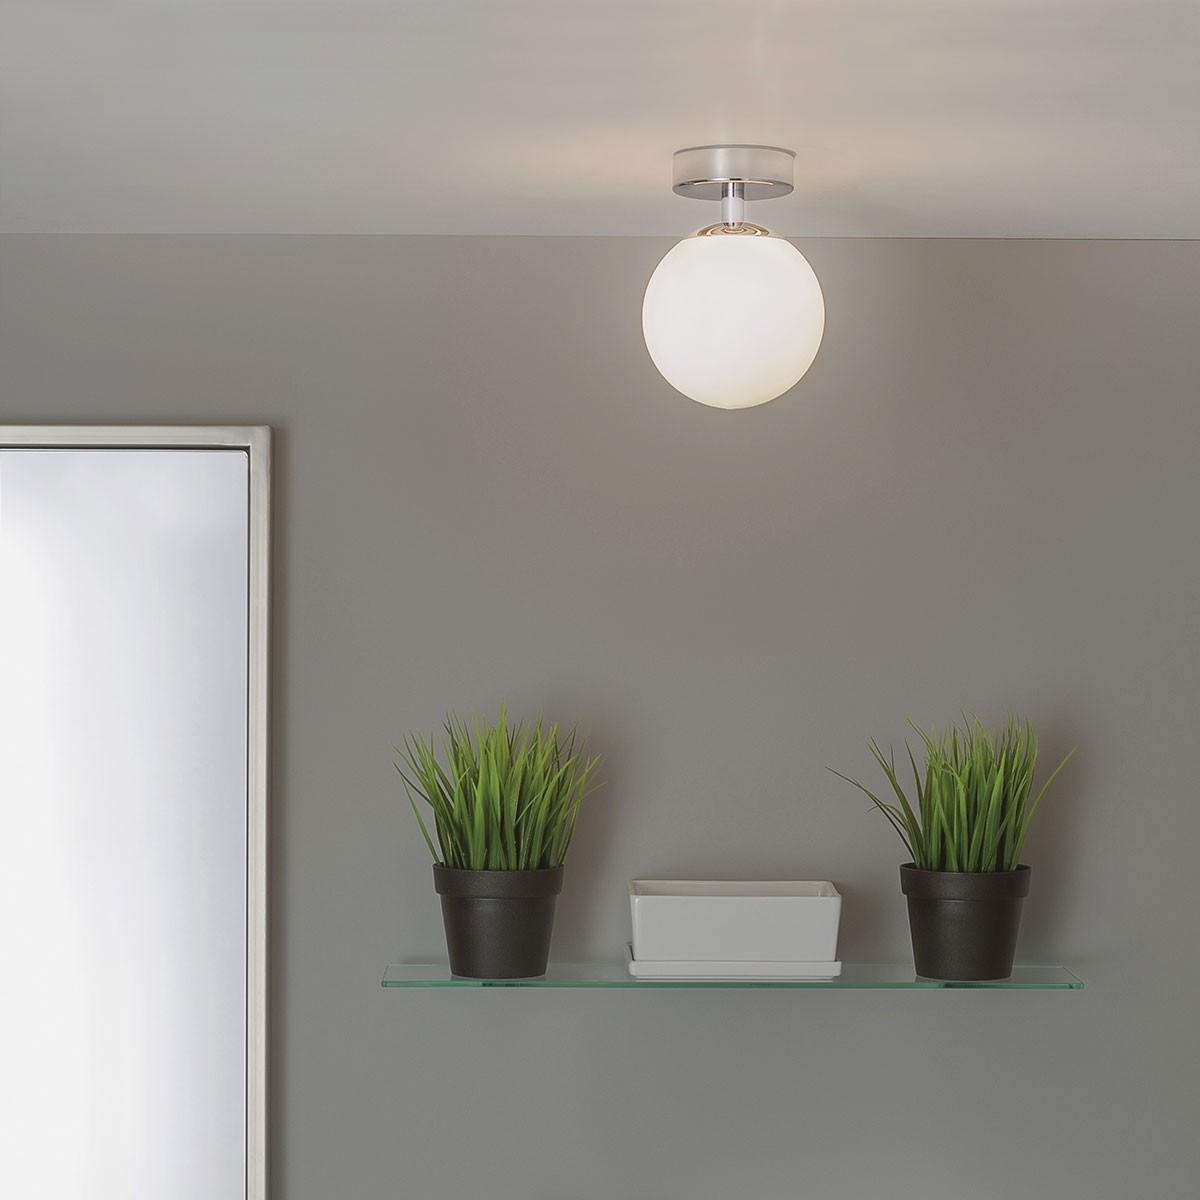 Light Fixtures Denver: Astro Denver Polished Chrome Ceiling Light At UK